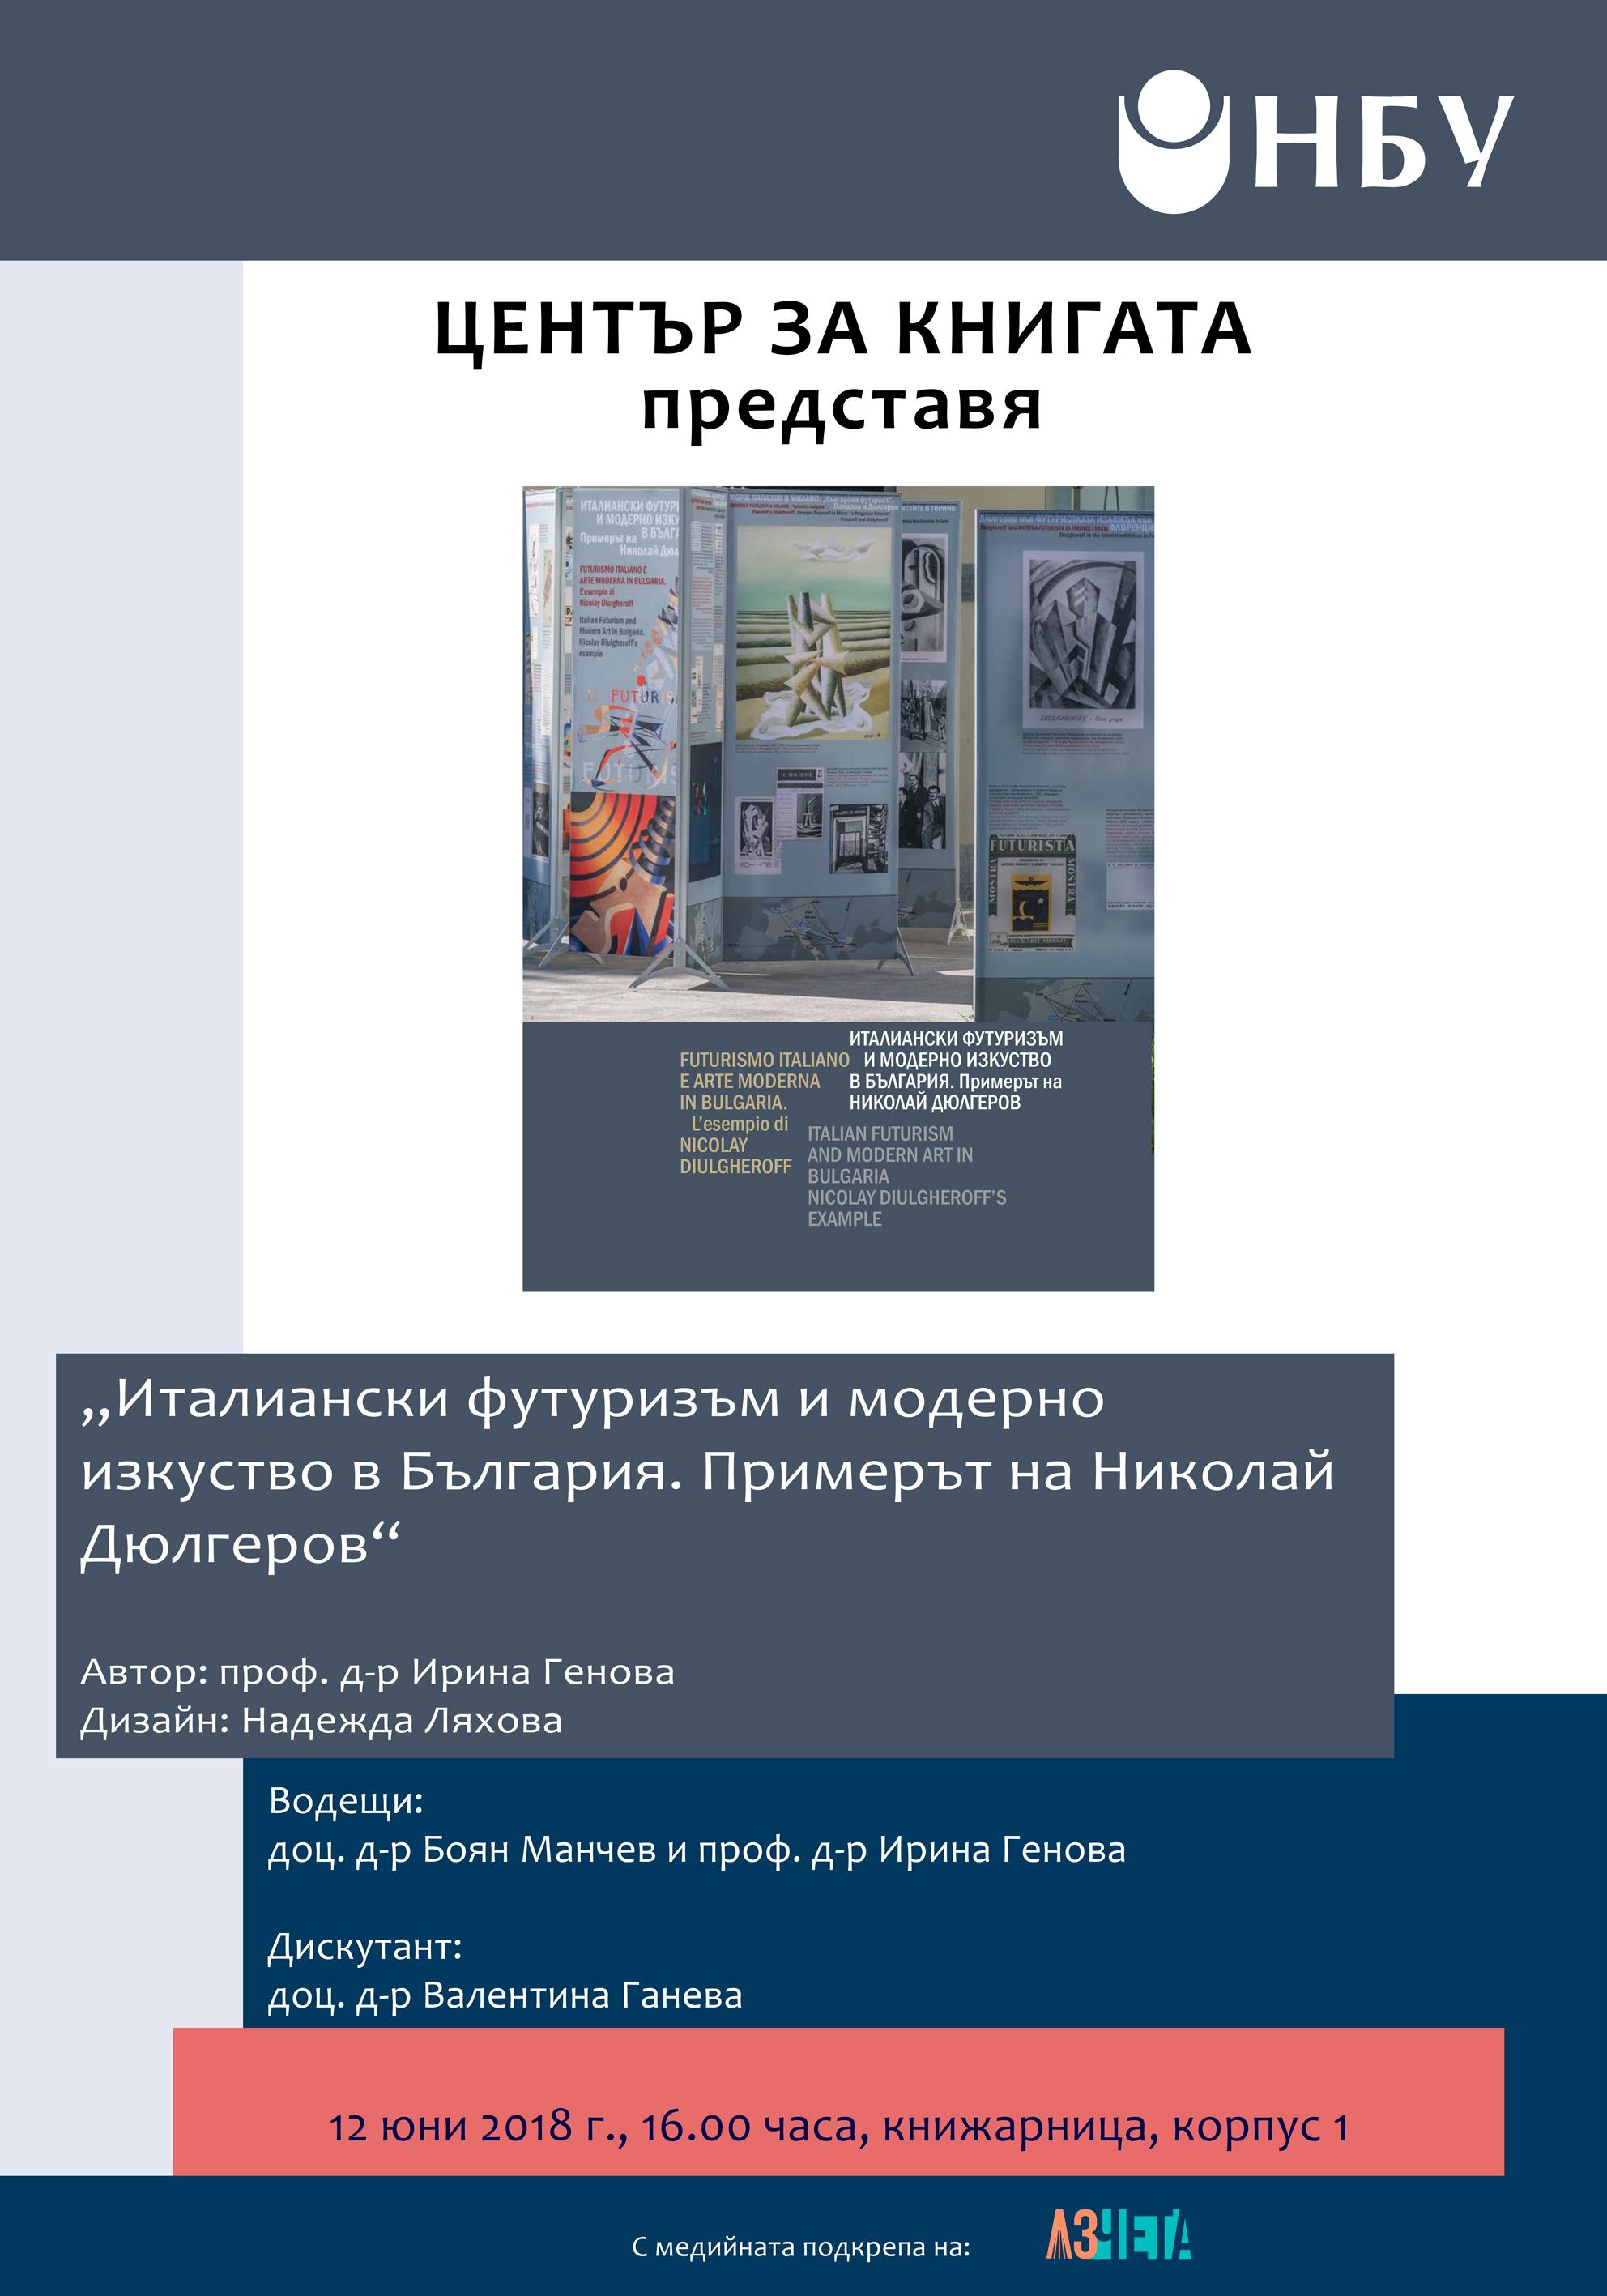 """Представяне на """"Италиански футуризъм и модерно изкуство в България. Примерът на Николай Дюлгеров"""""""